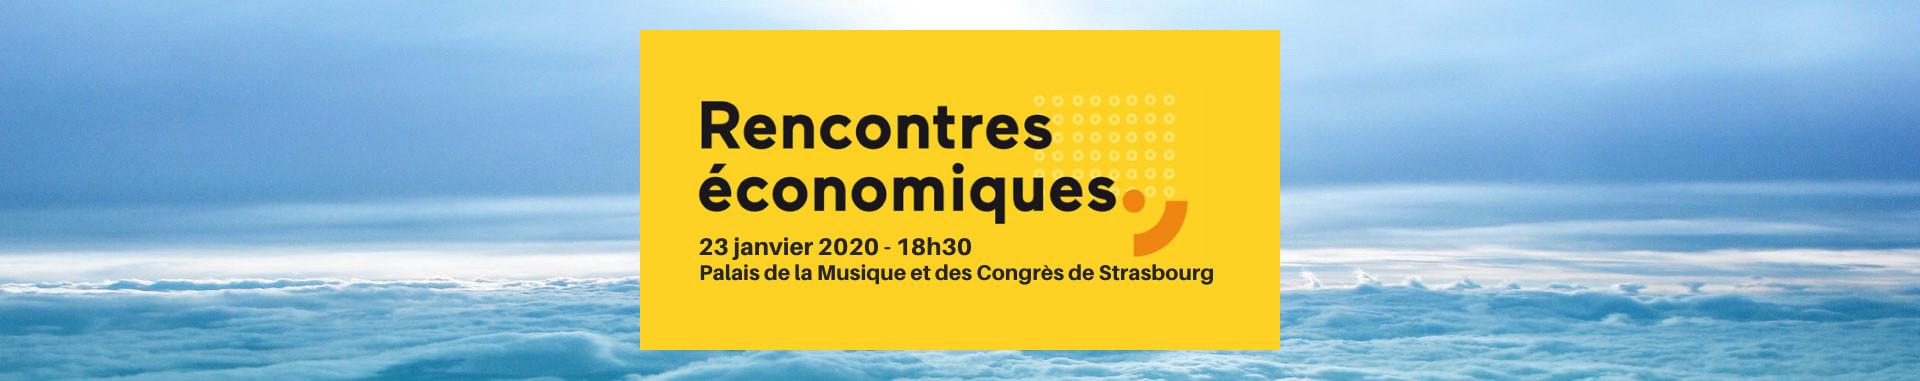 Rencontres économiques annuel de l'Eurométropole de Strasbourg 2020